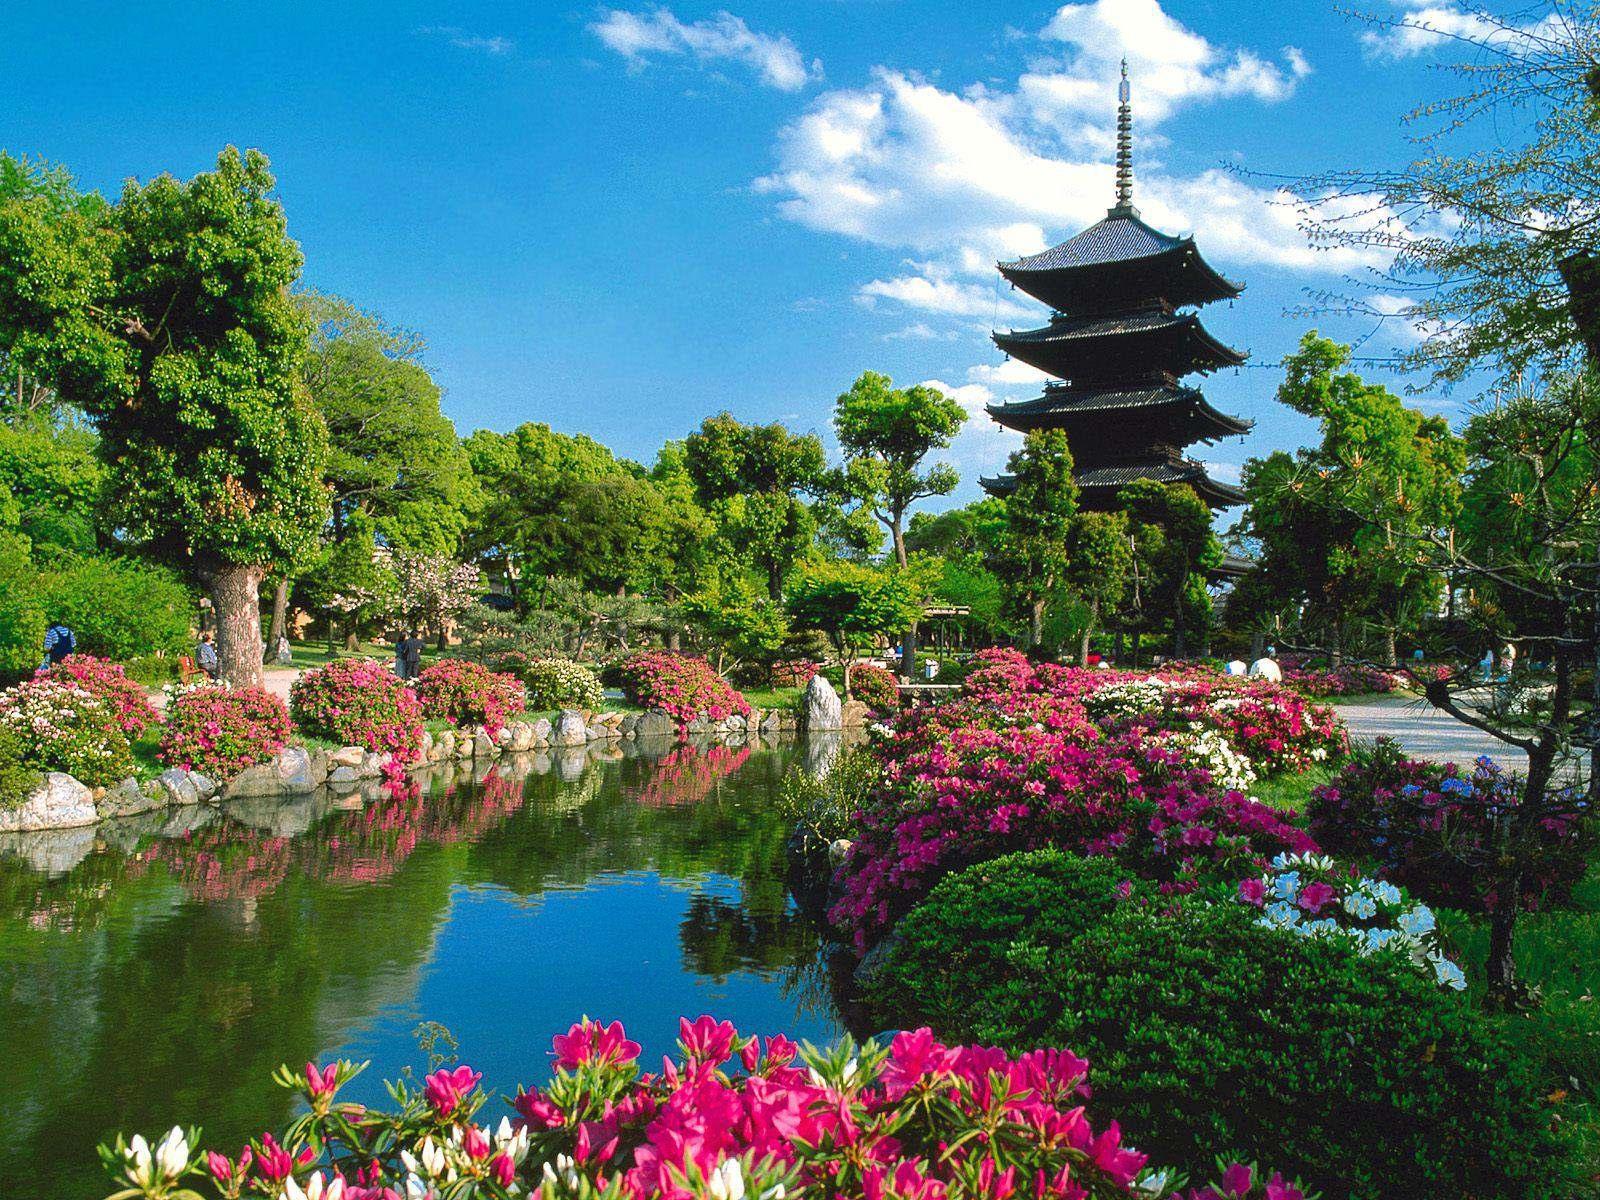 Du lịch Nhật Bản đón Tết Dương Lịch (Khởi hành 28-12-2015)